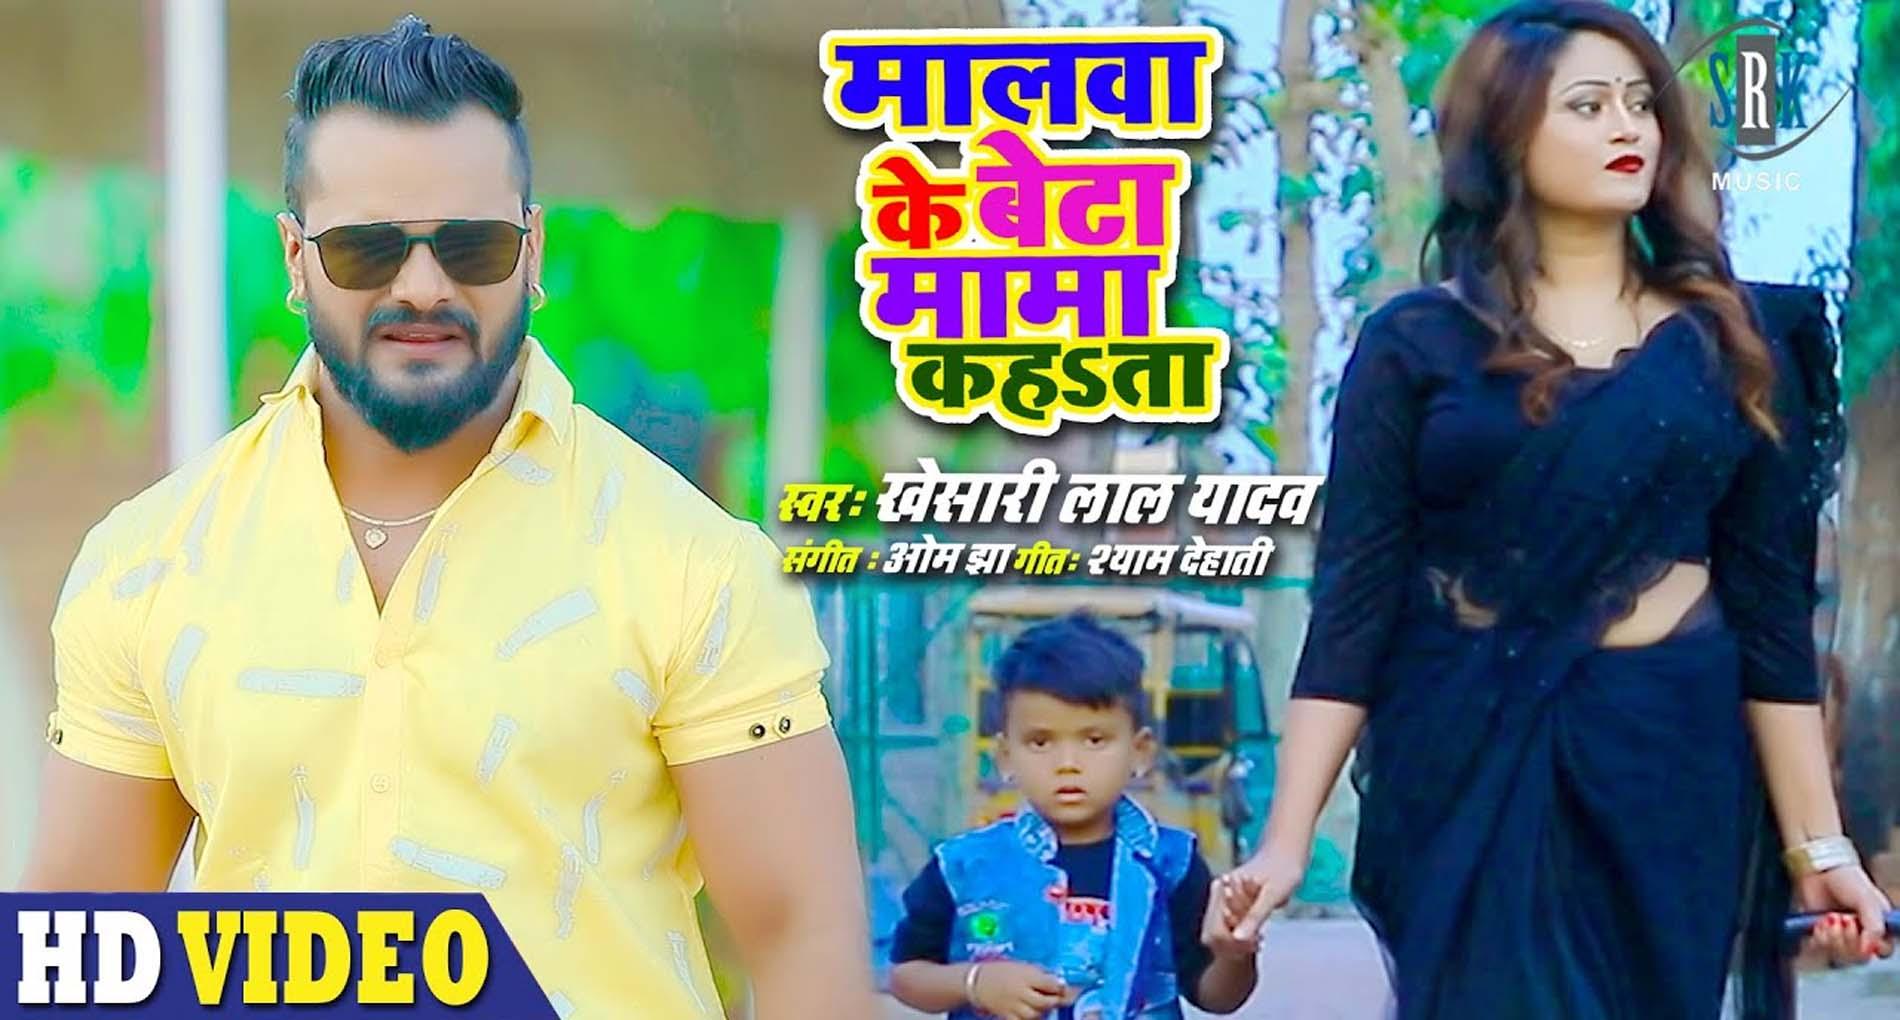 Khesari Lal Song: खेसारी लाल की प्रेमिका ने दिया दर्द! पापा की जगह मामा बन बैठे, देखें वीडियो